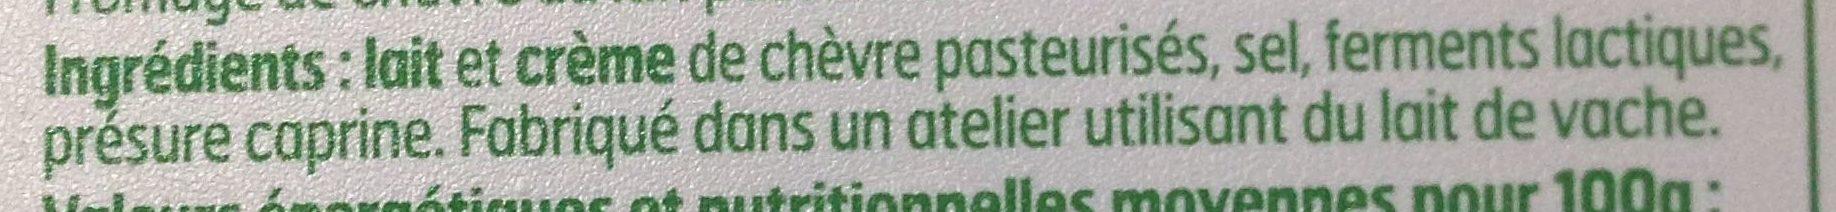 Fromage de Chèvre - Ingrédients - fr